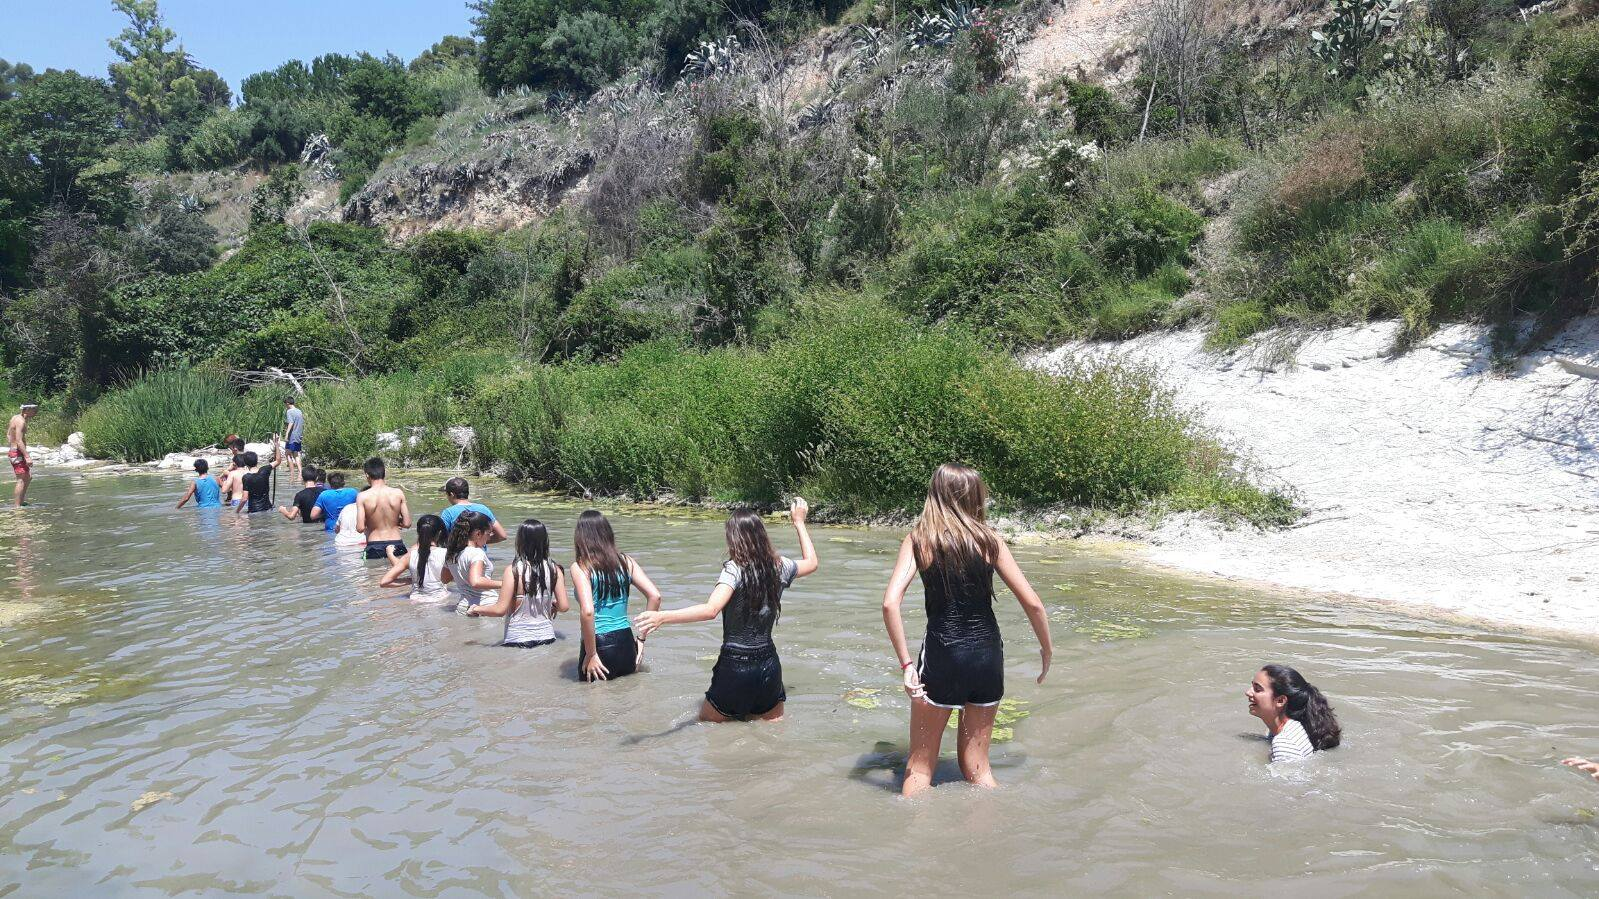 Un trekking aquàtic per a combatre la calor El Periòdic d'Ontinyent